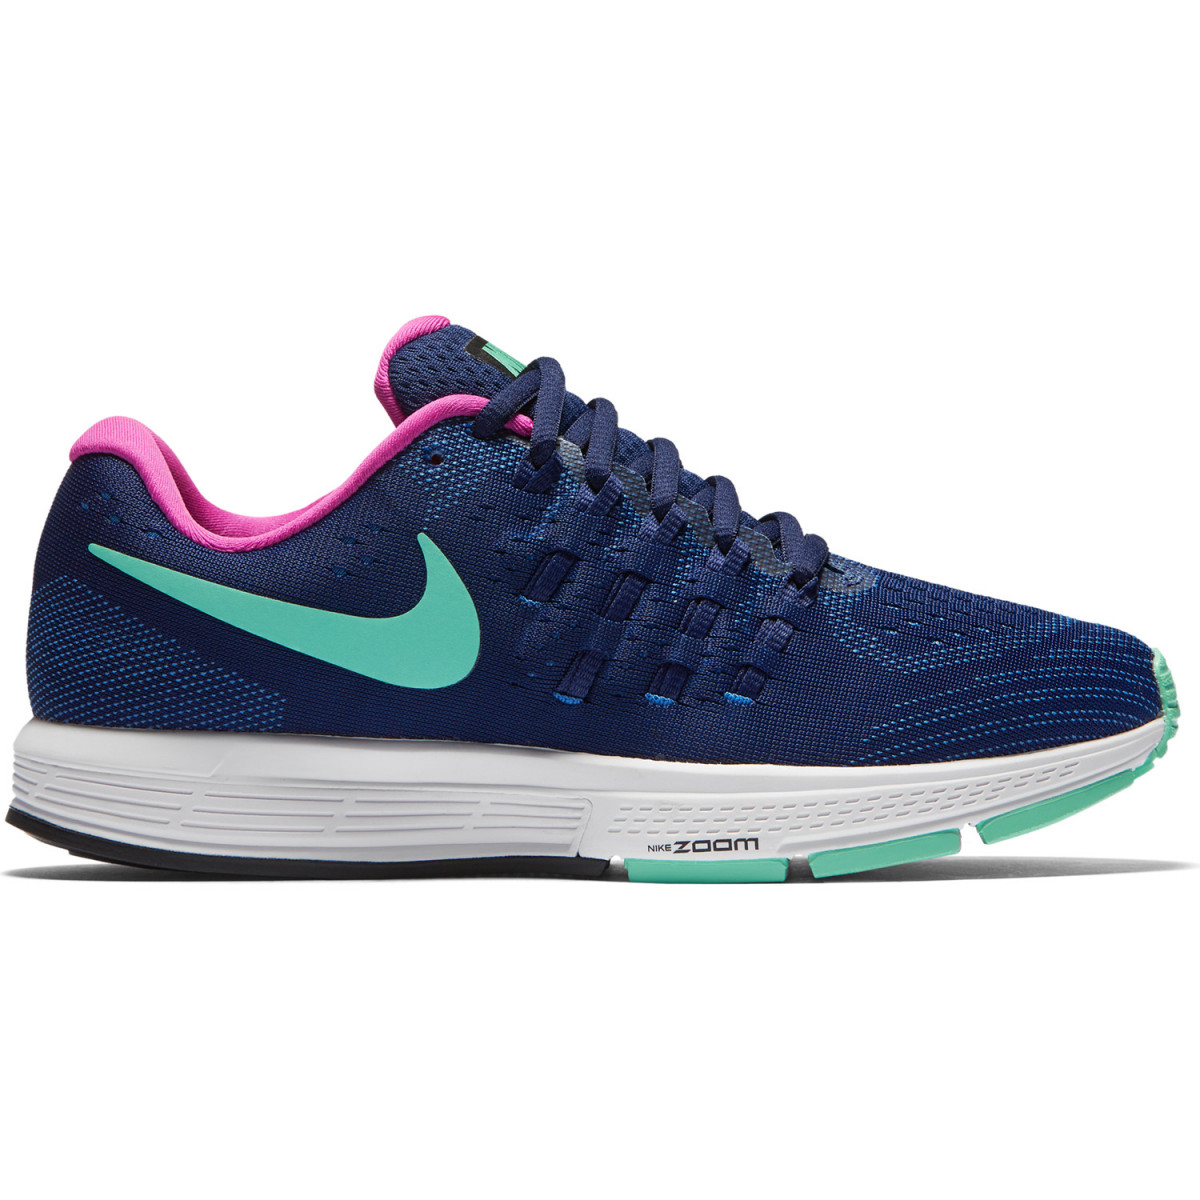 Zapatillas Nike Wmns Air Zoom Vomero 11